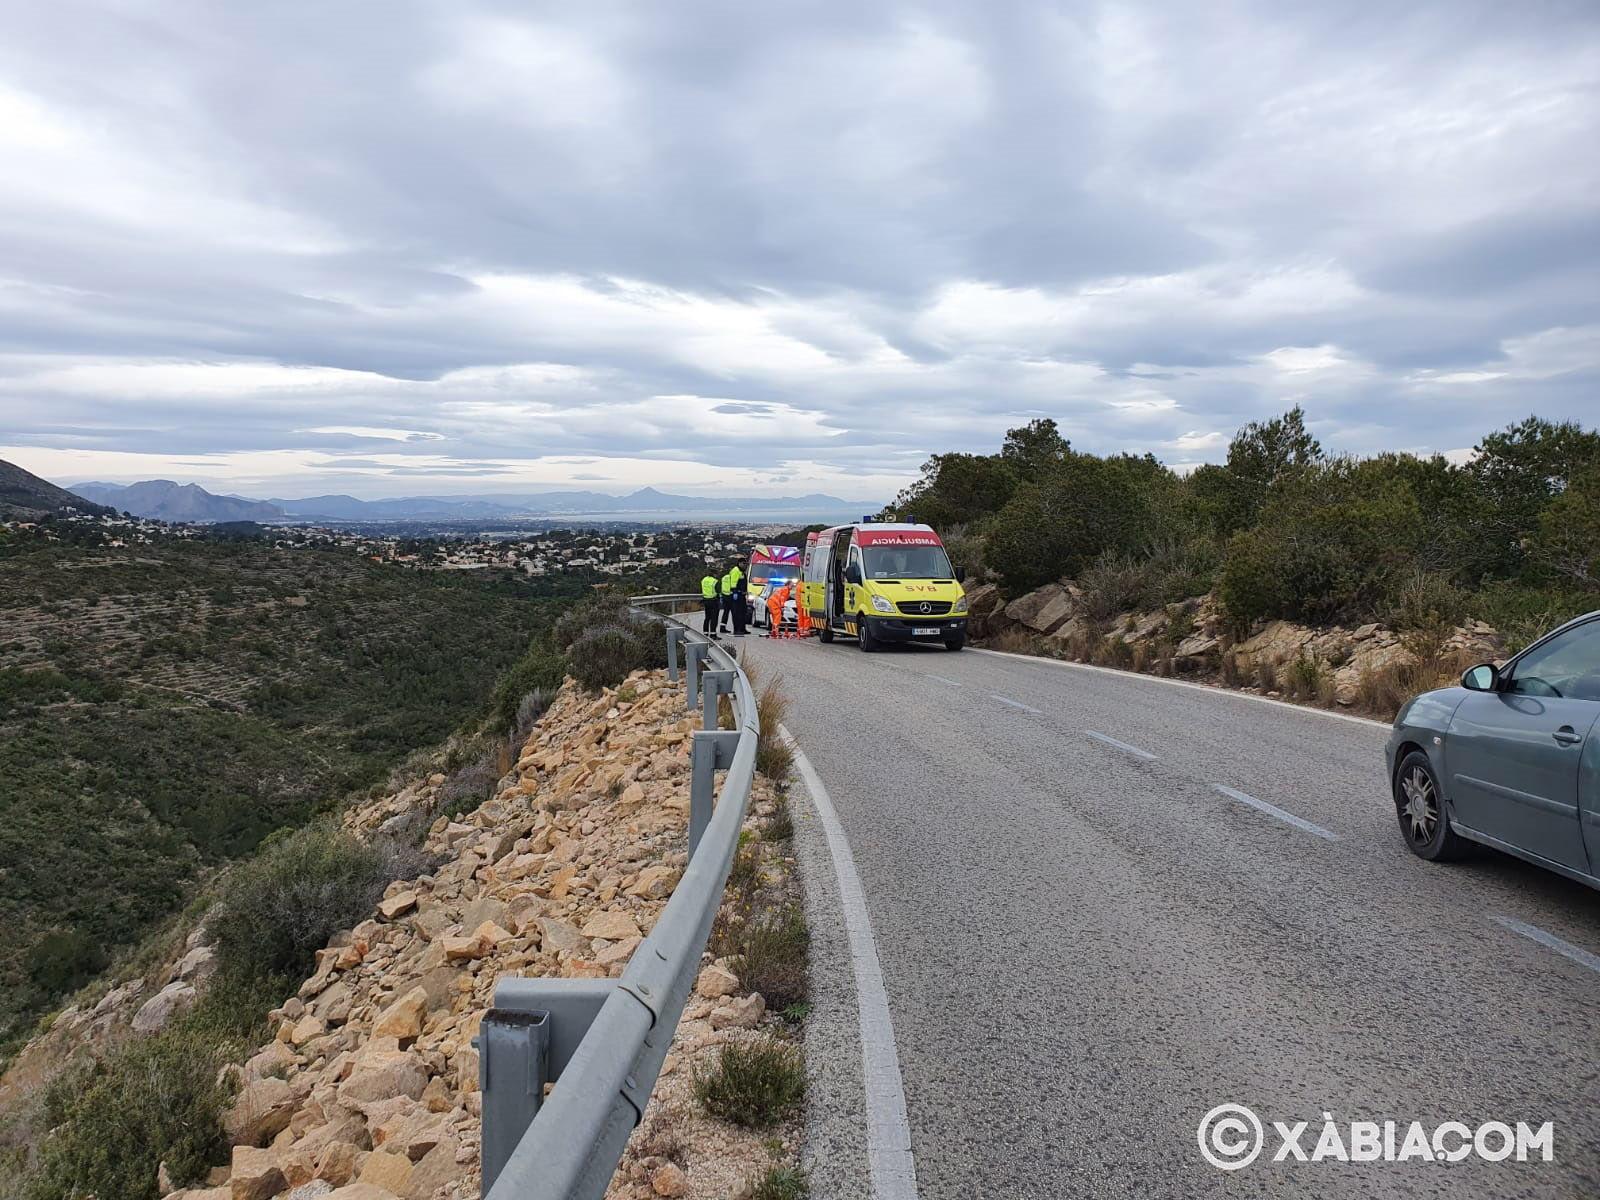 Accidente de un motorista en la carretera de las planas